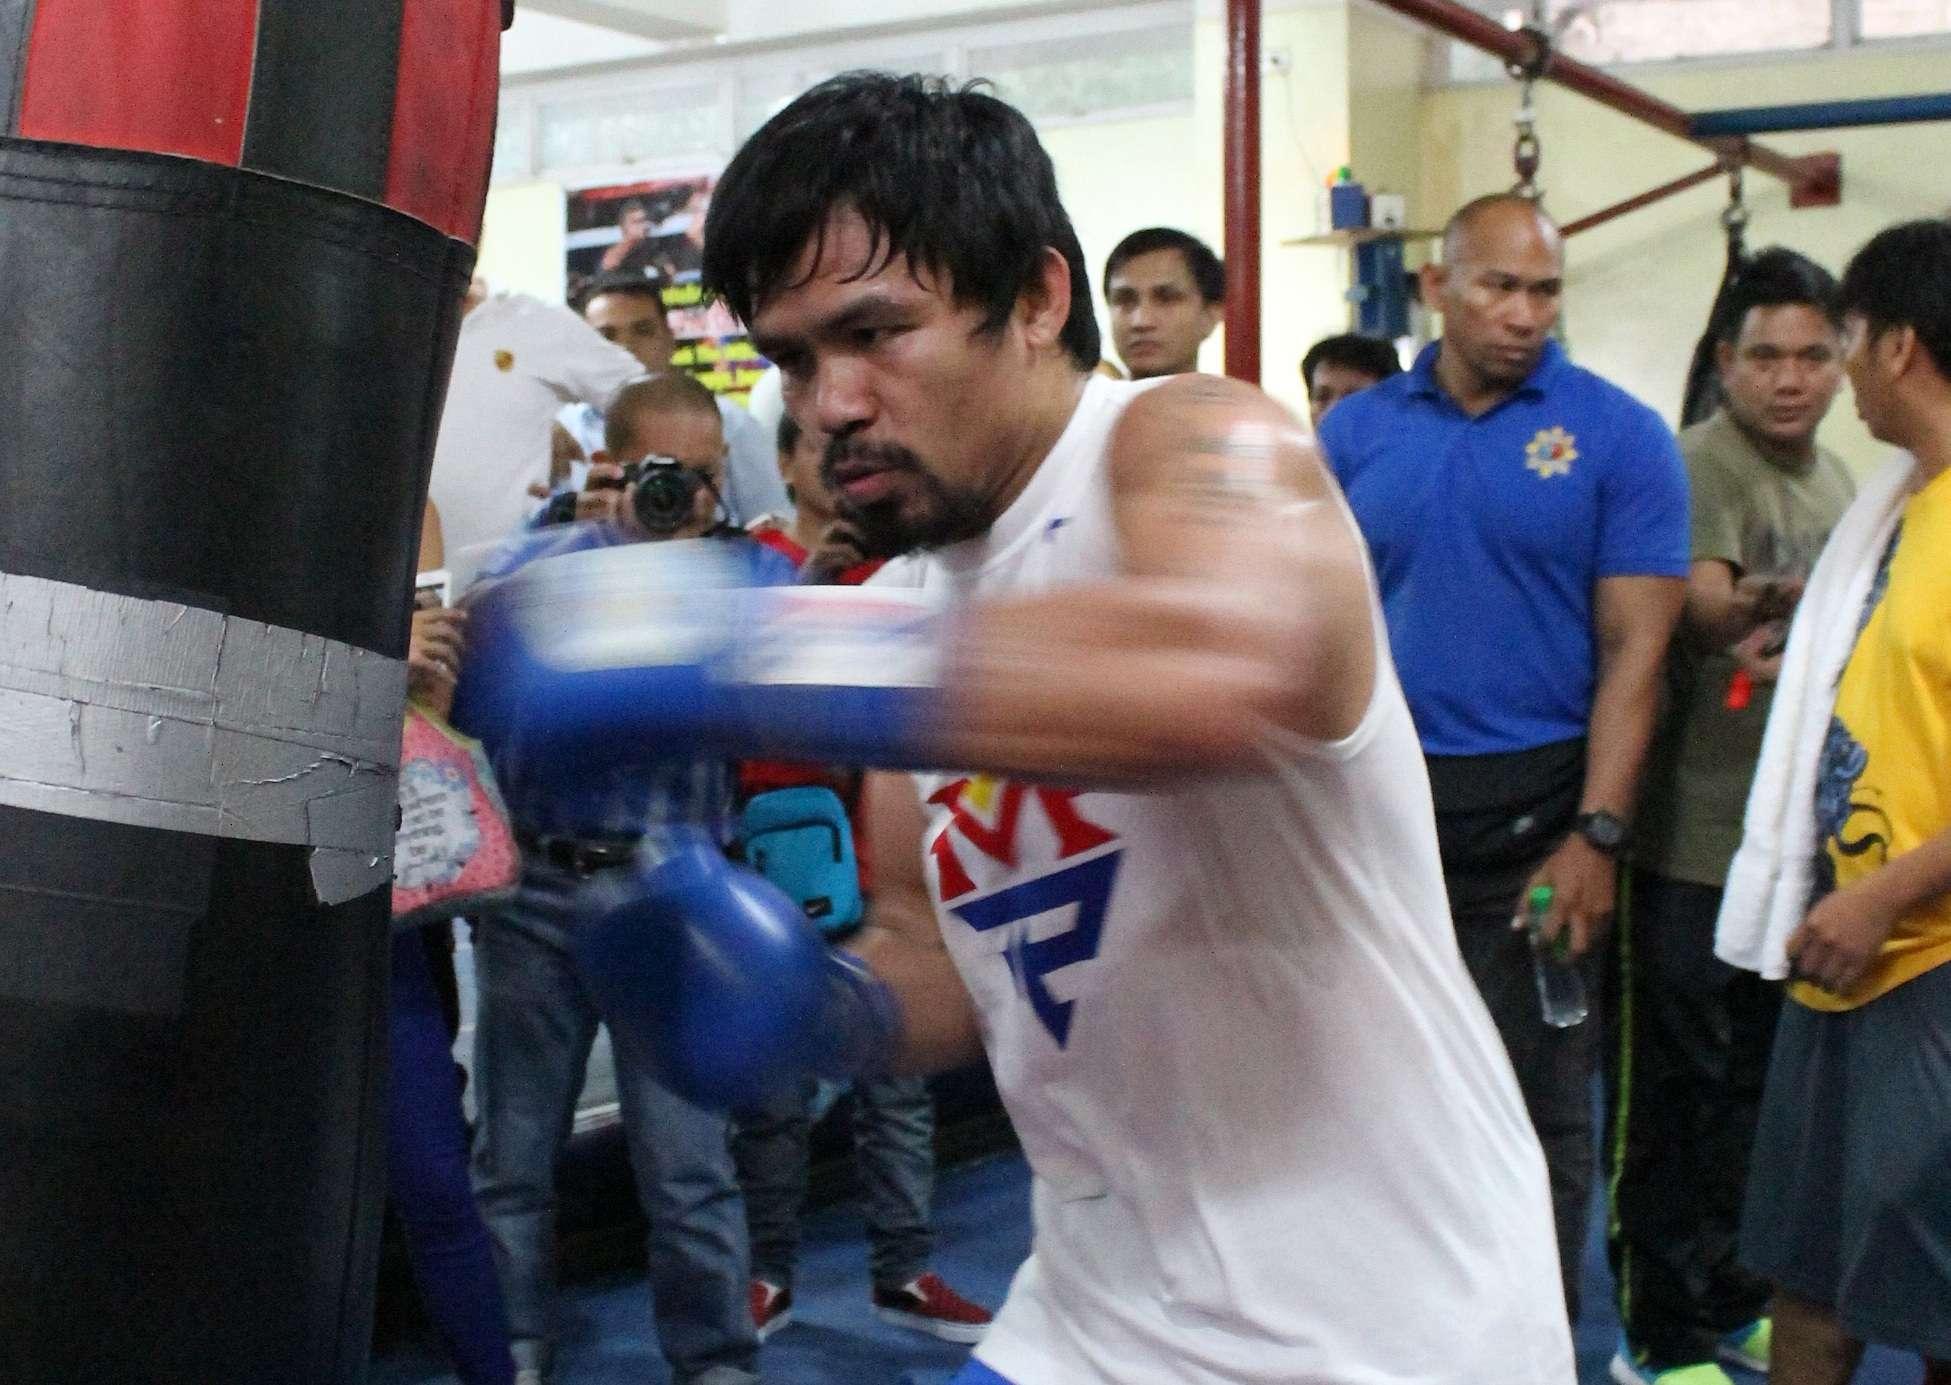 Entrenamiento de Manny Pacquiao para la pelea contra Floyd Mayweather Jr. Foto: AFP